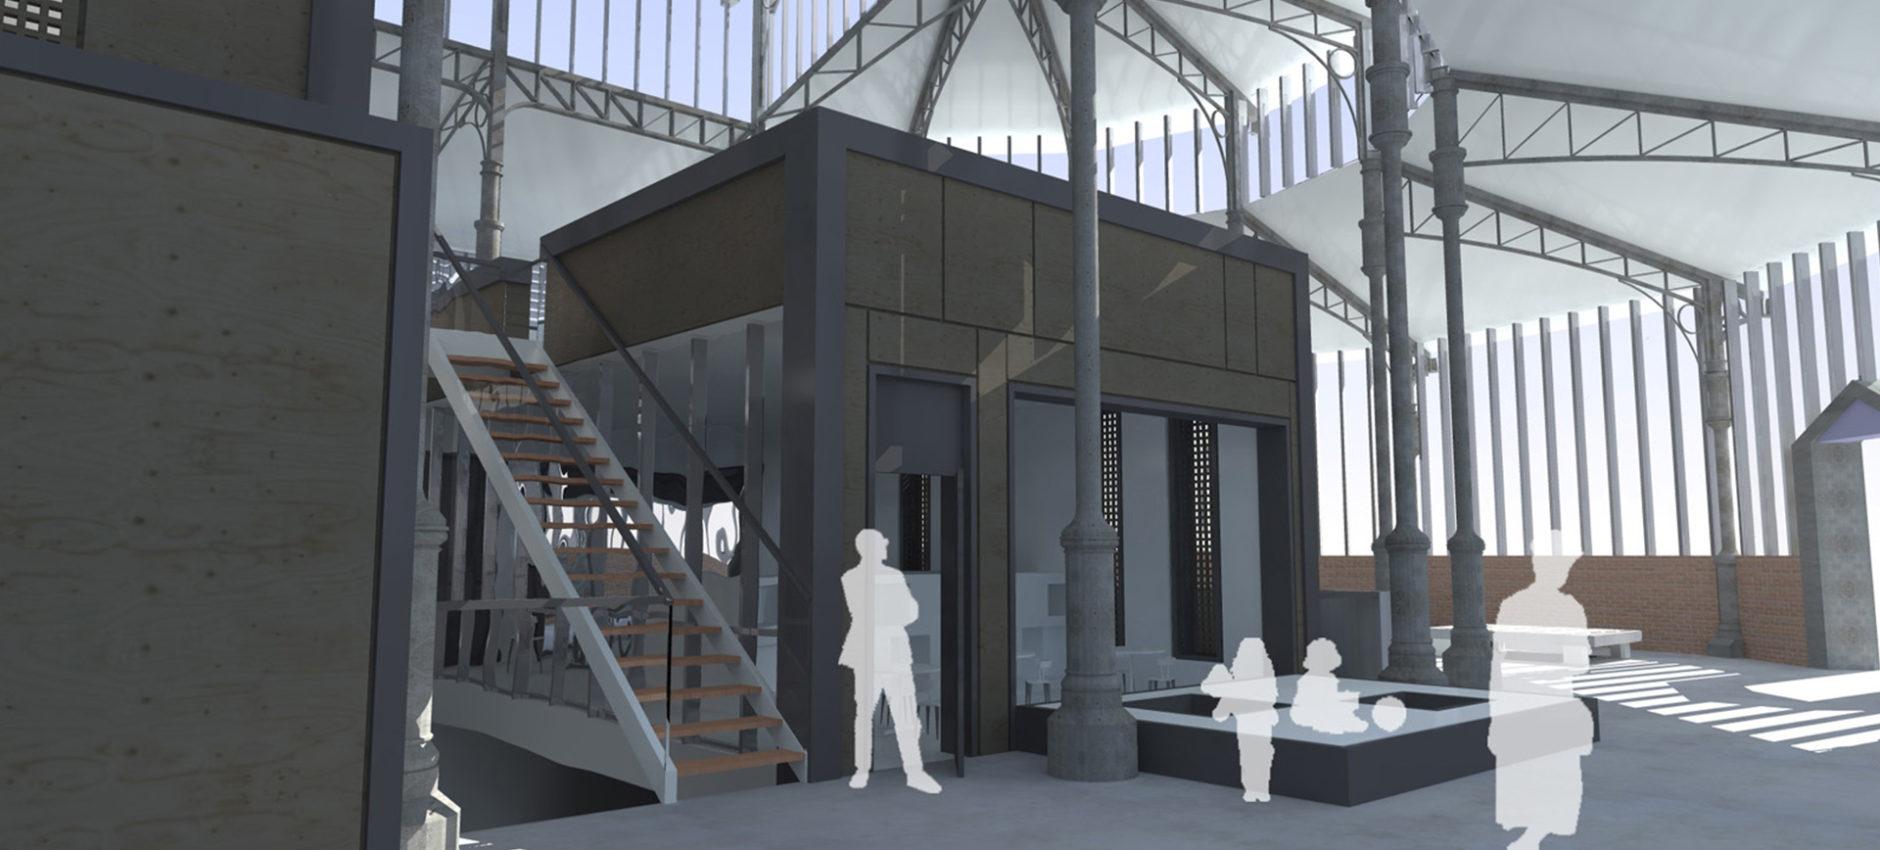 boca_architecture_projet_marche_des_douves_01.jpg